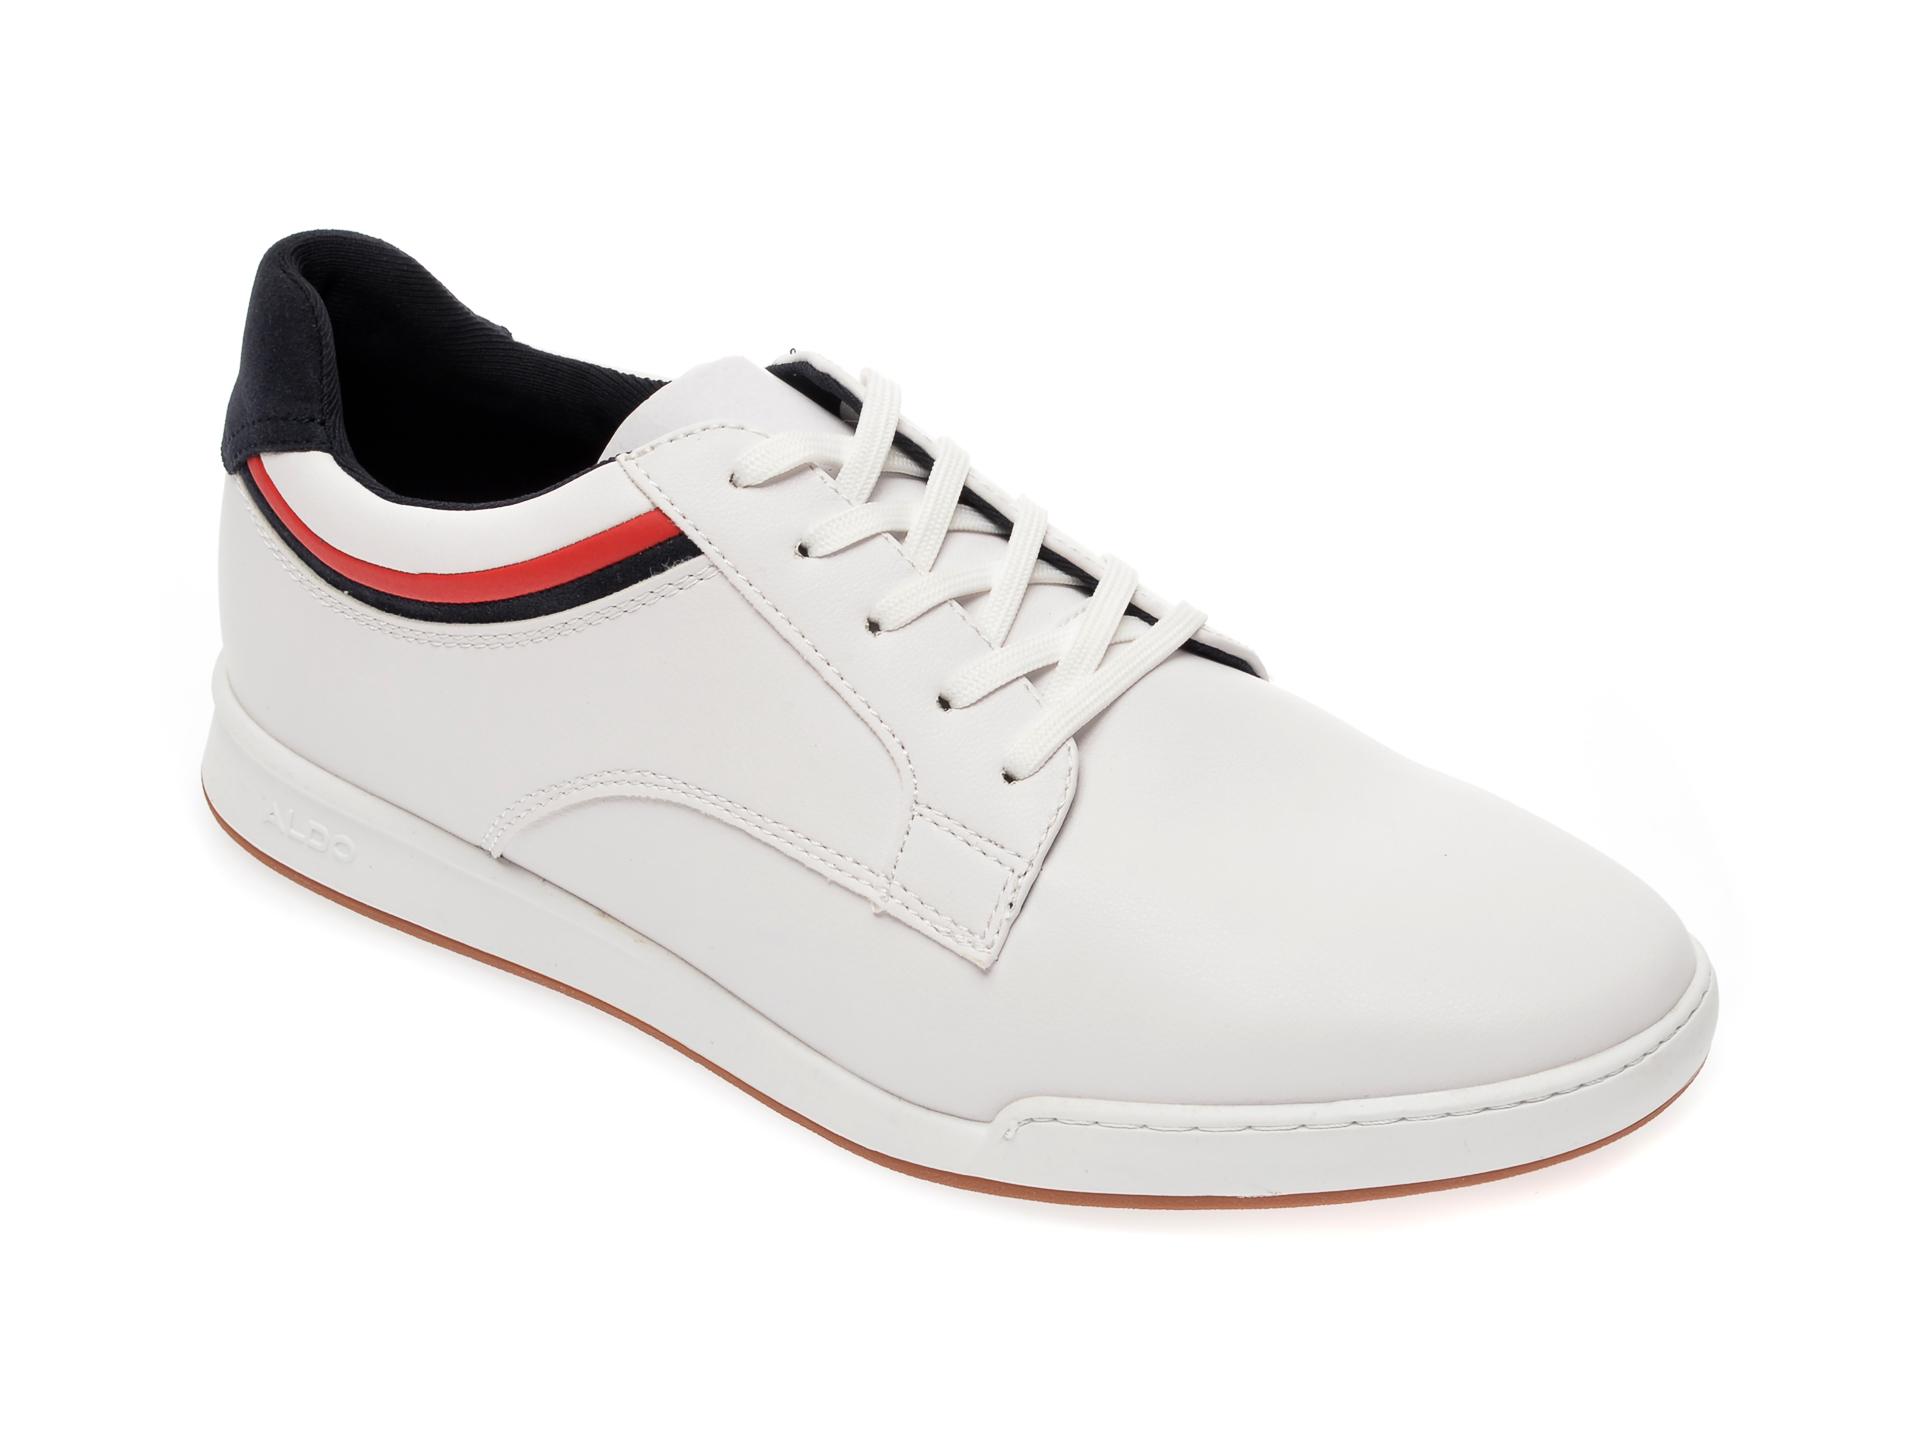 Pantofi sport ALDO albi, Jeanluc100, din piele ecologica imagine